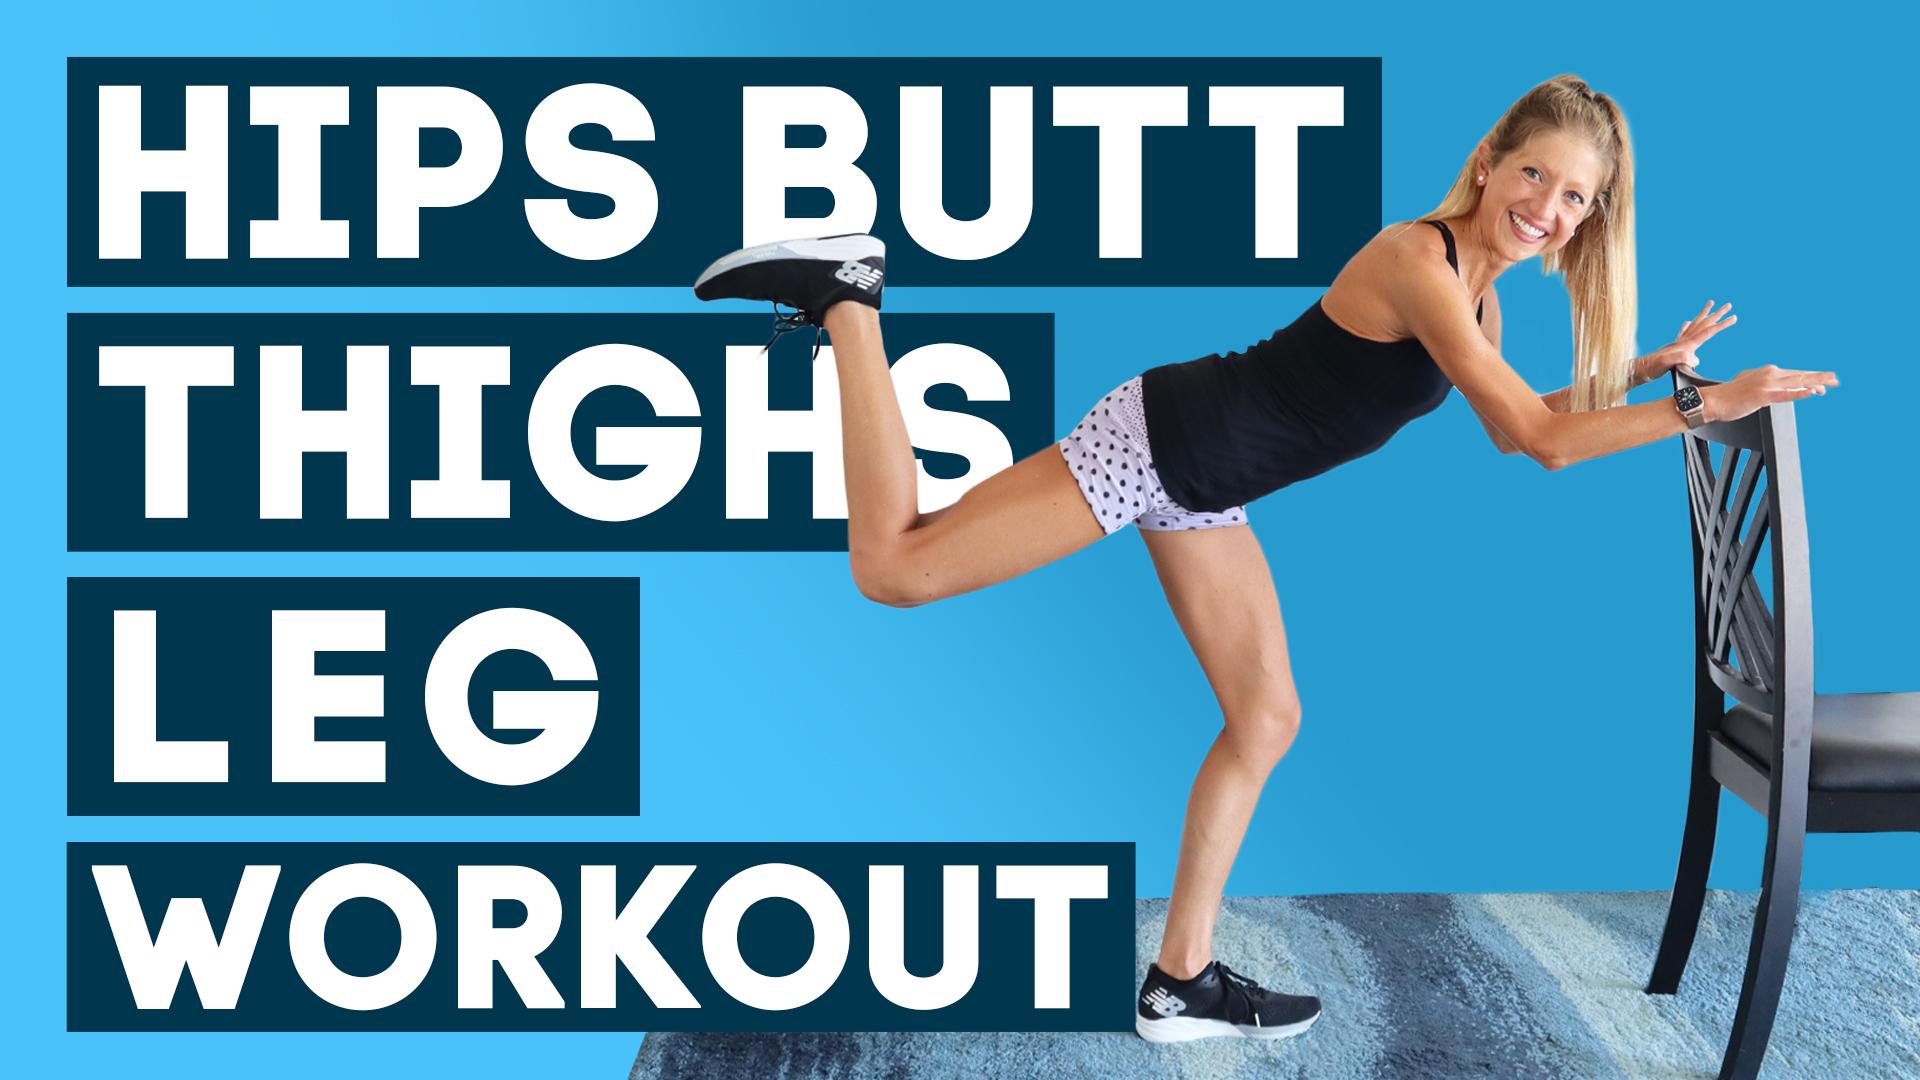 hips butt thighs